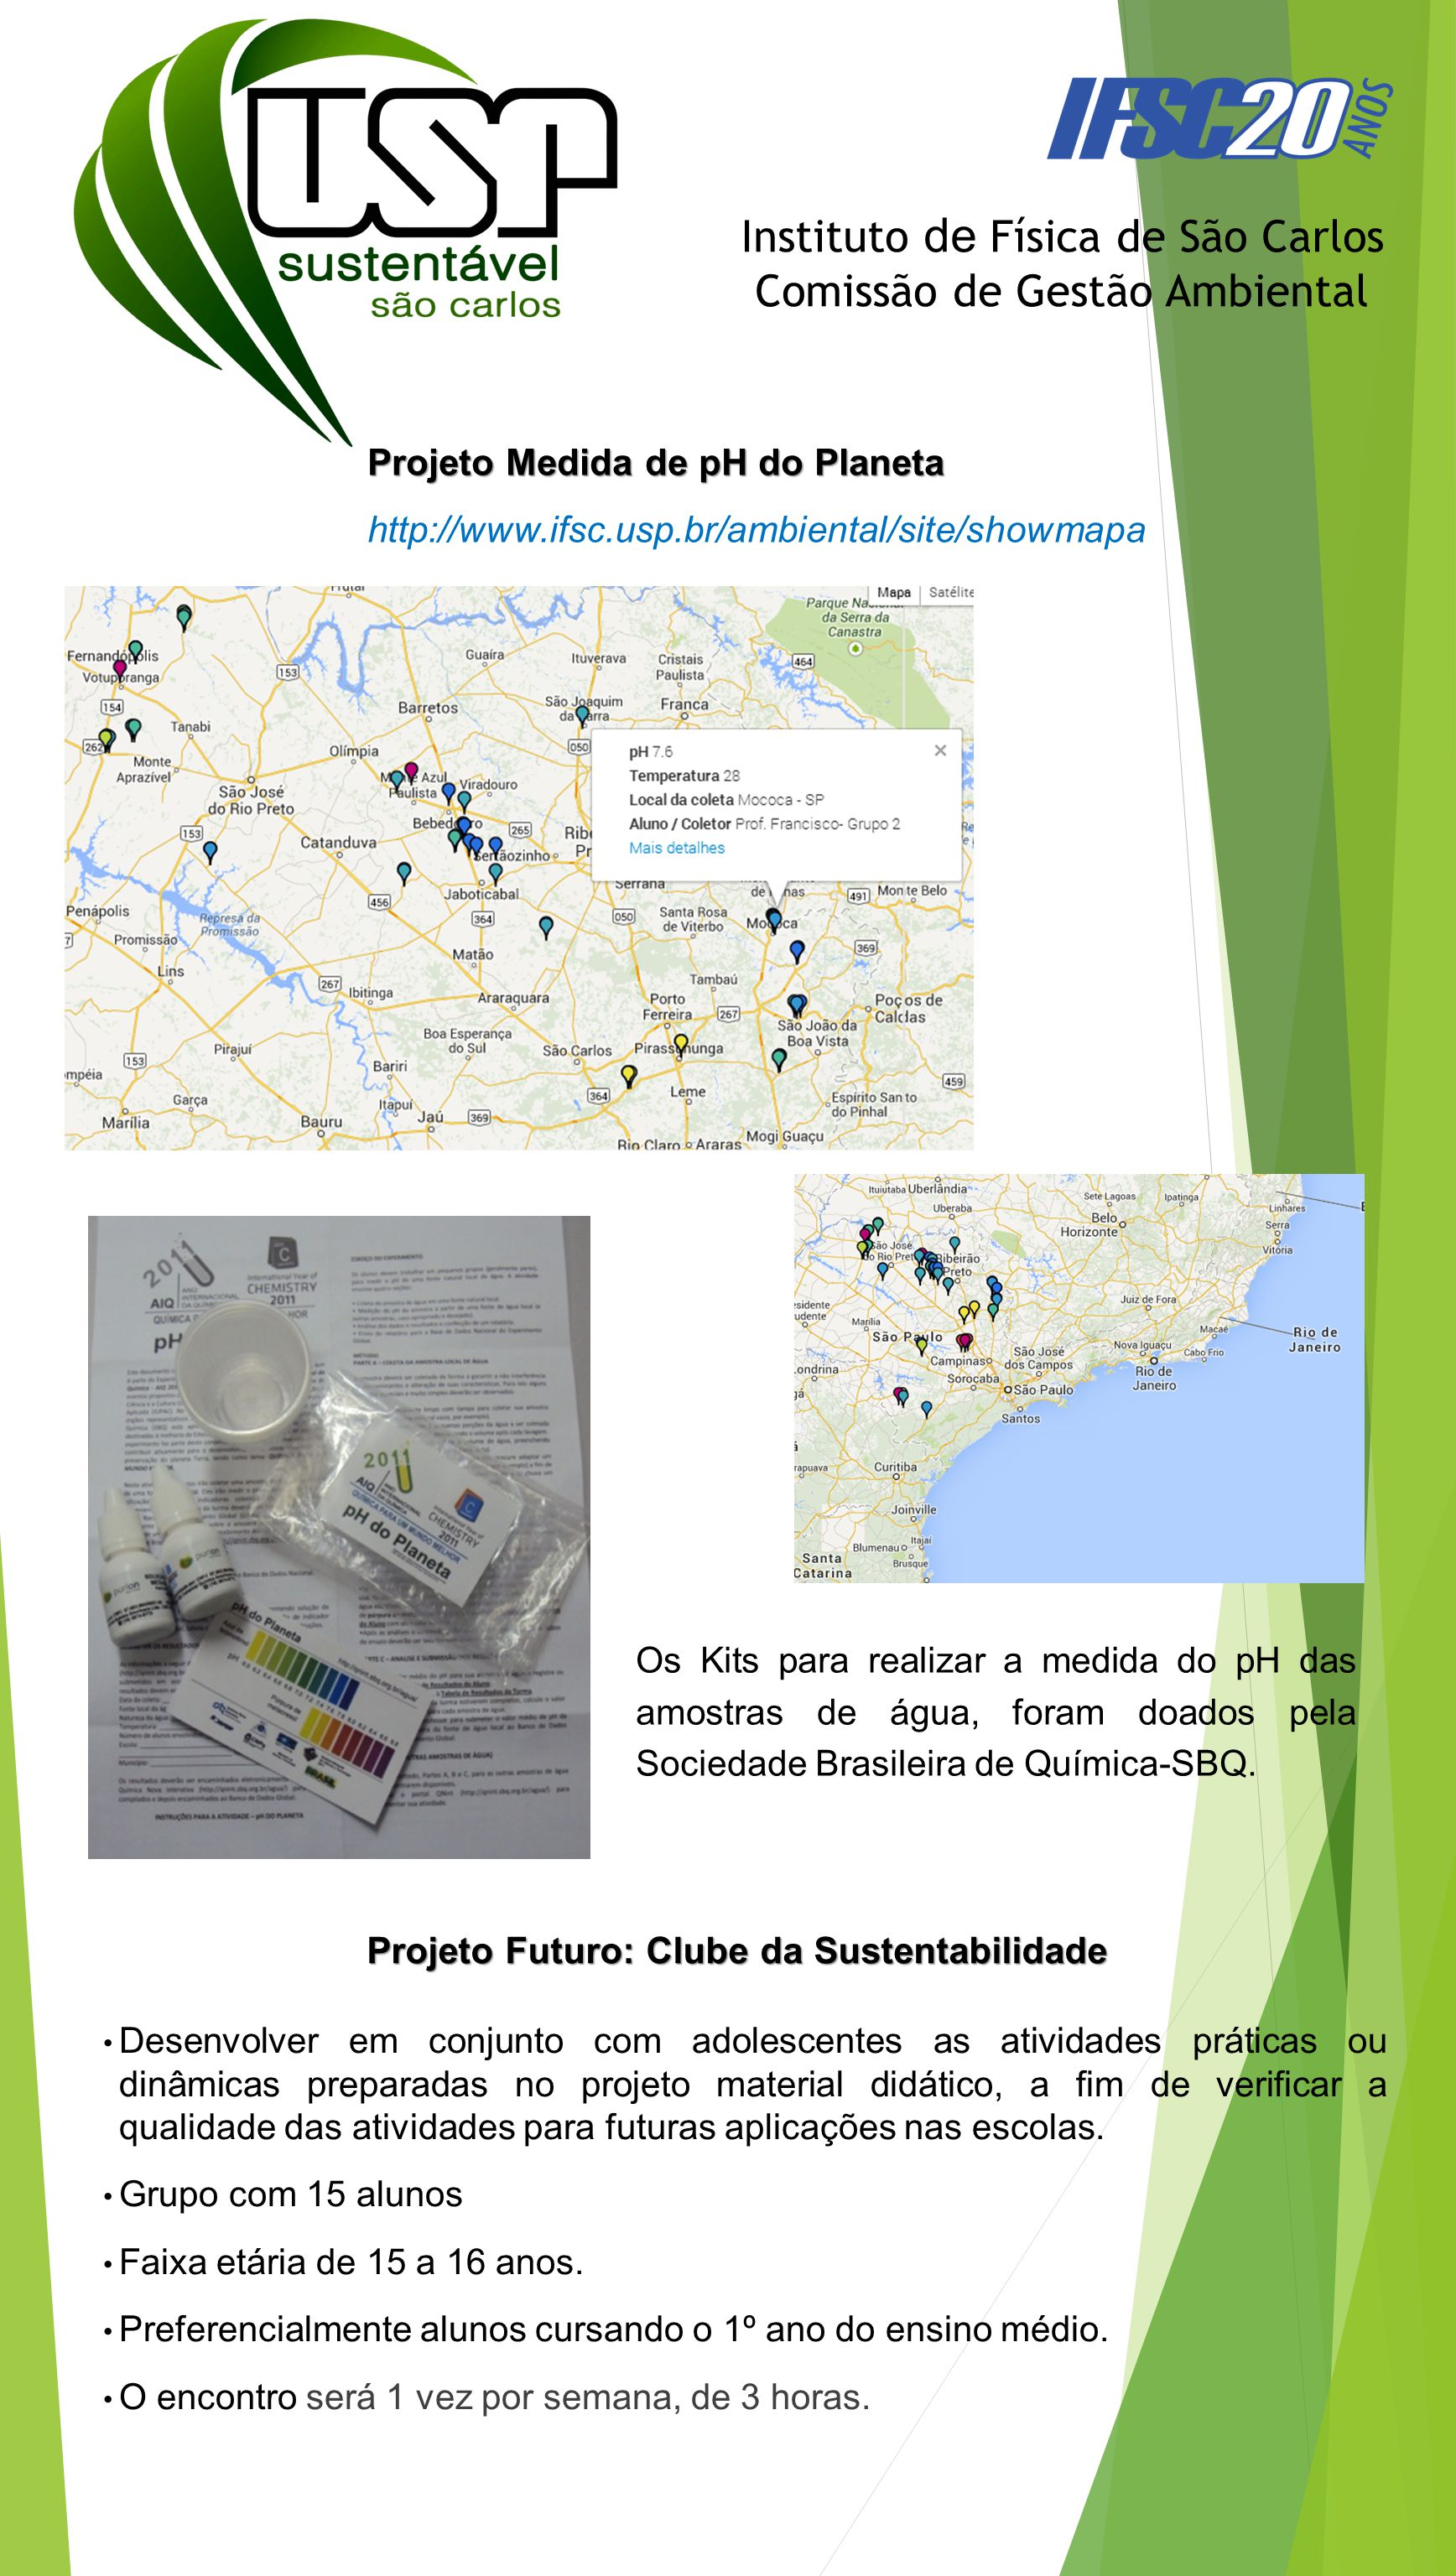 Projeto Medida de pH do Planeta http://www.ifsc.usp.br/ambiental/site/showmapa Instituto de Física de São Carlos Comissão de Gestão Ambiental Os Kits